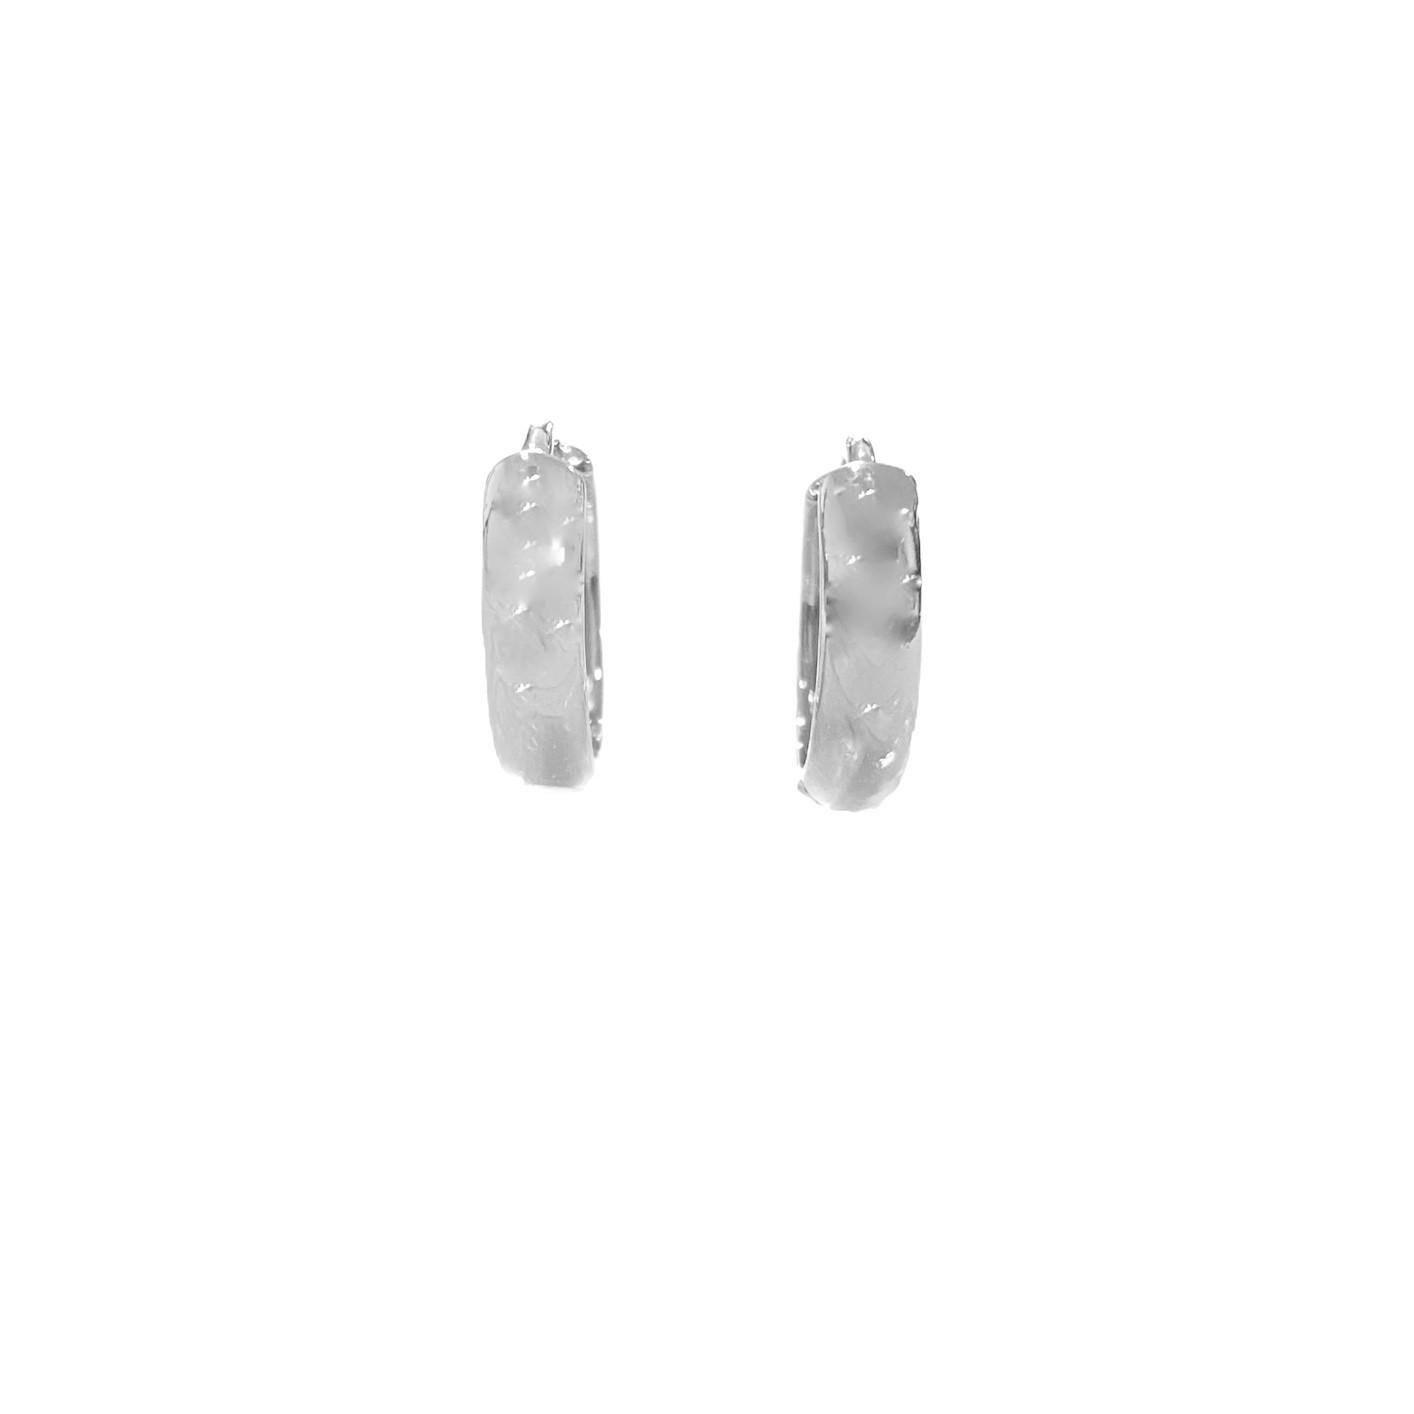 Brinco Argola Anatômica PP (Banho Prata 925) (Piercing Hélix)